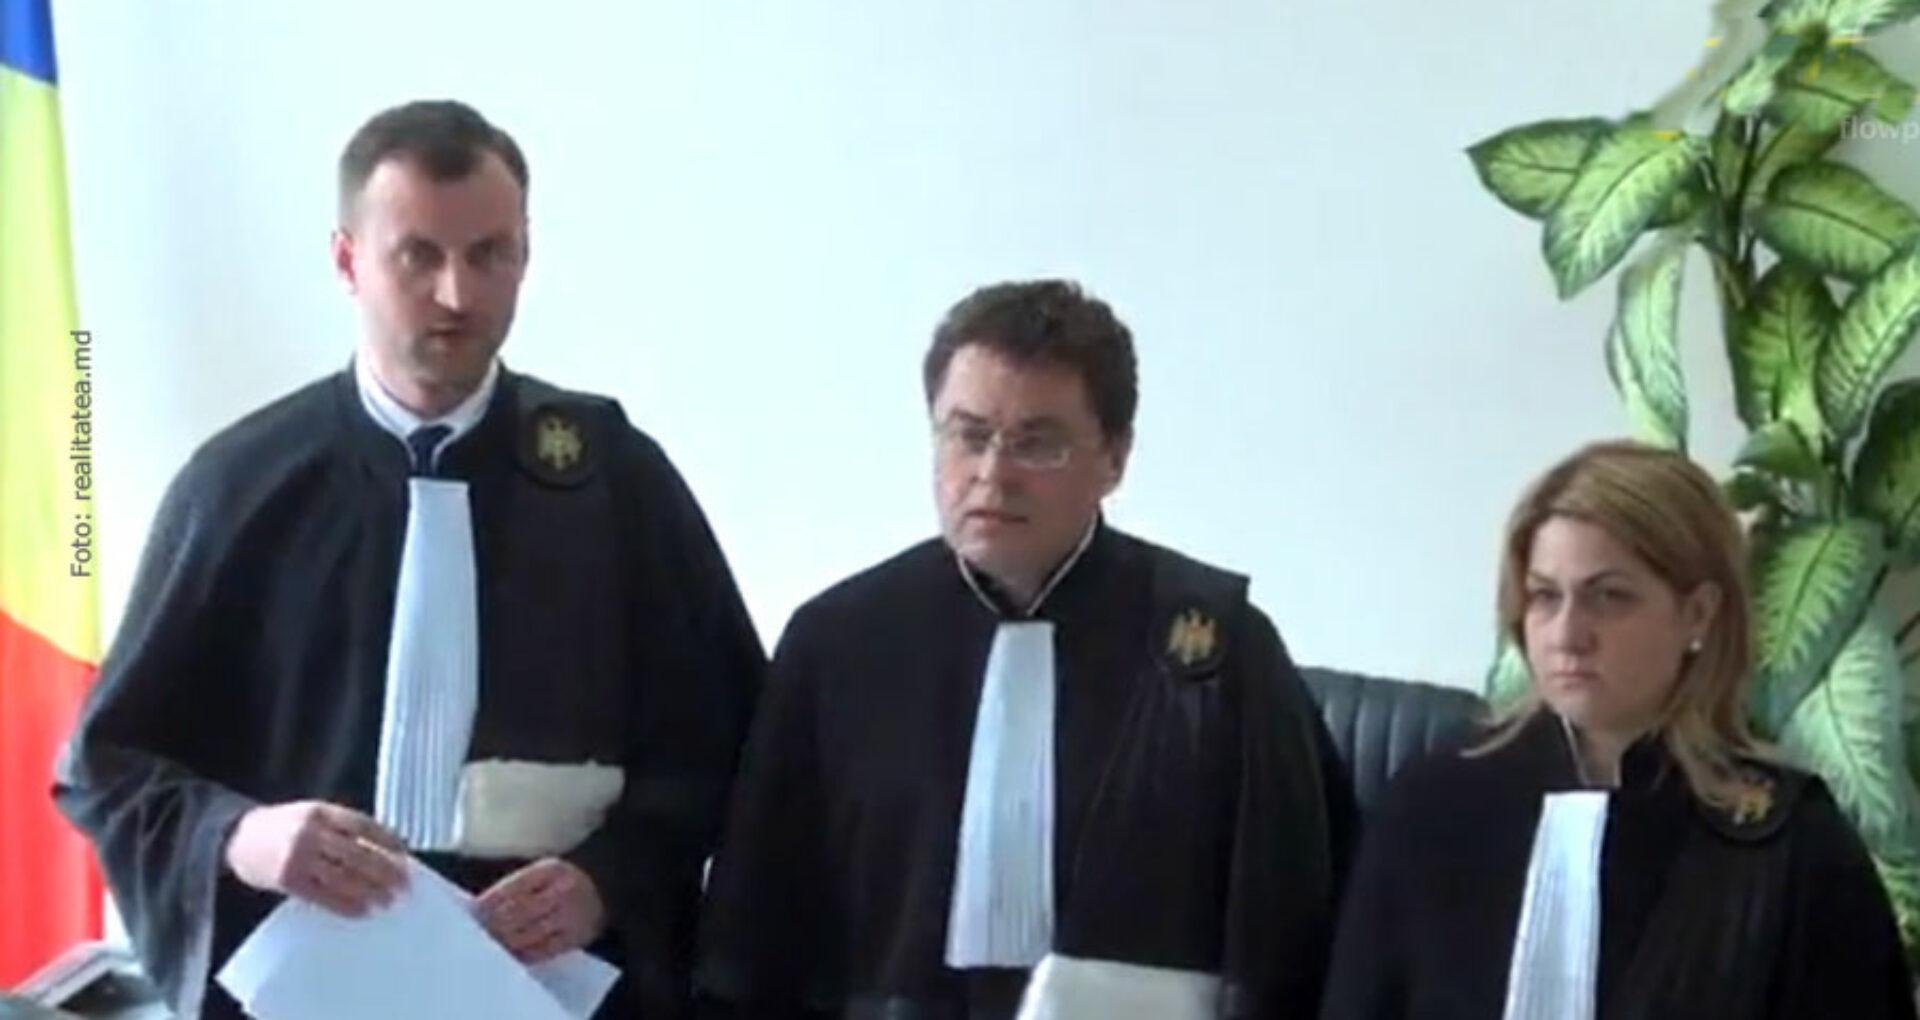 Procurorul şi judecătorii care  l-au condamnat pe Platon